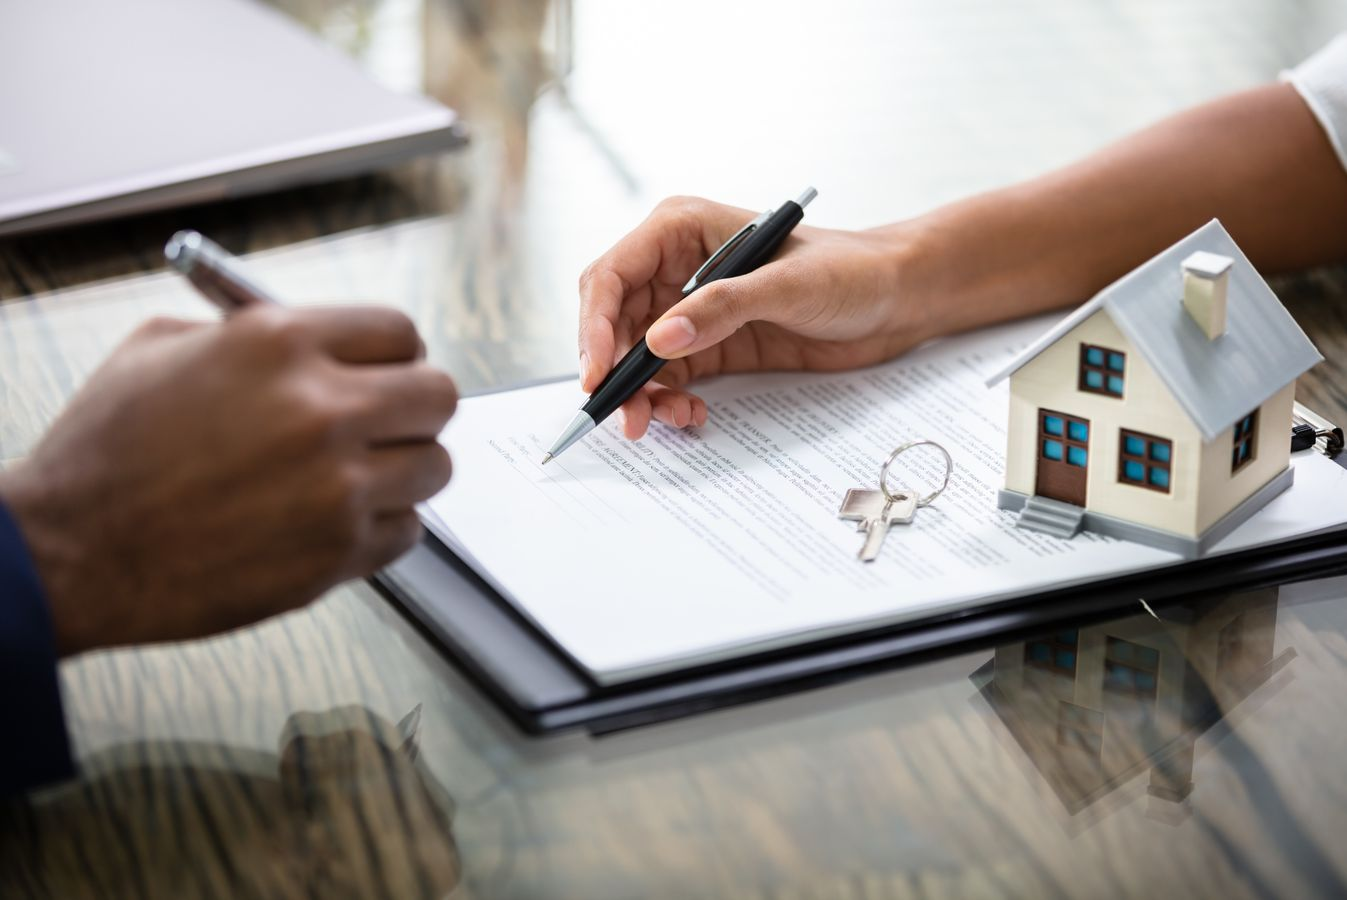 Création de terrains familiaux : le cadre juridique